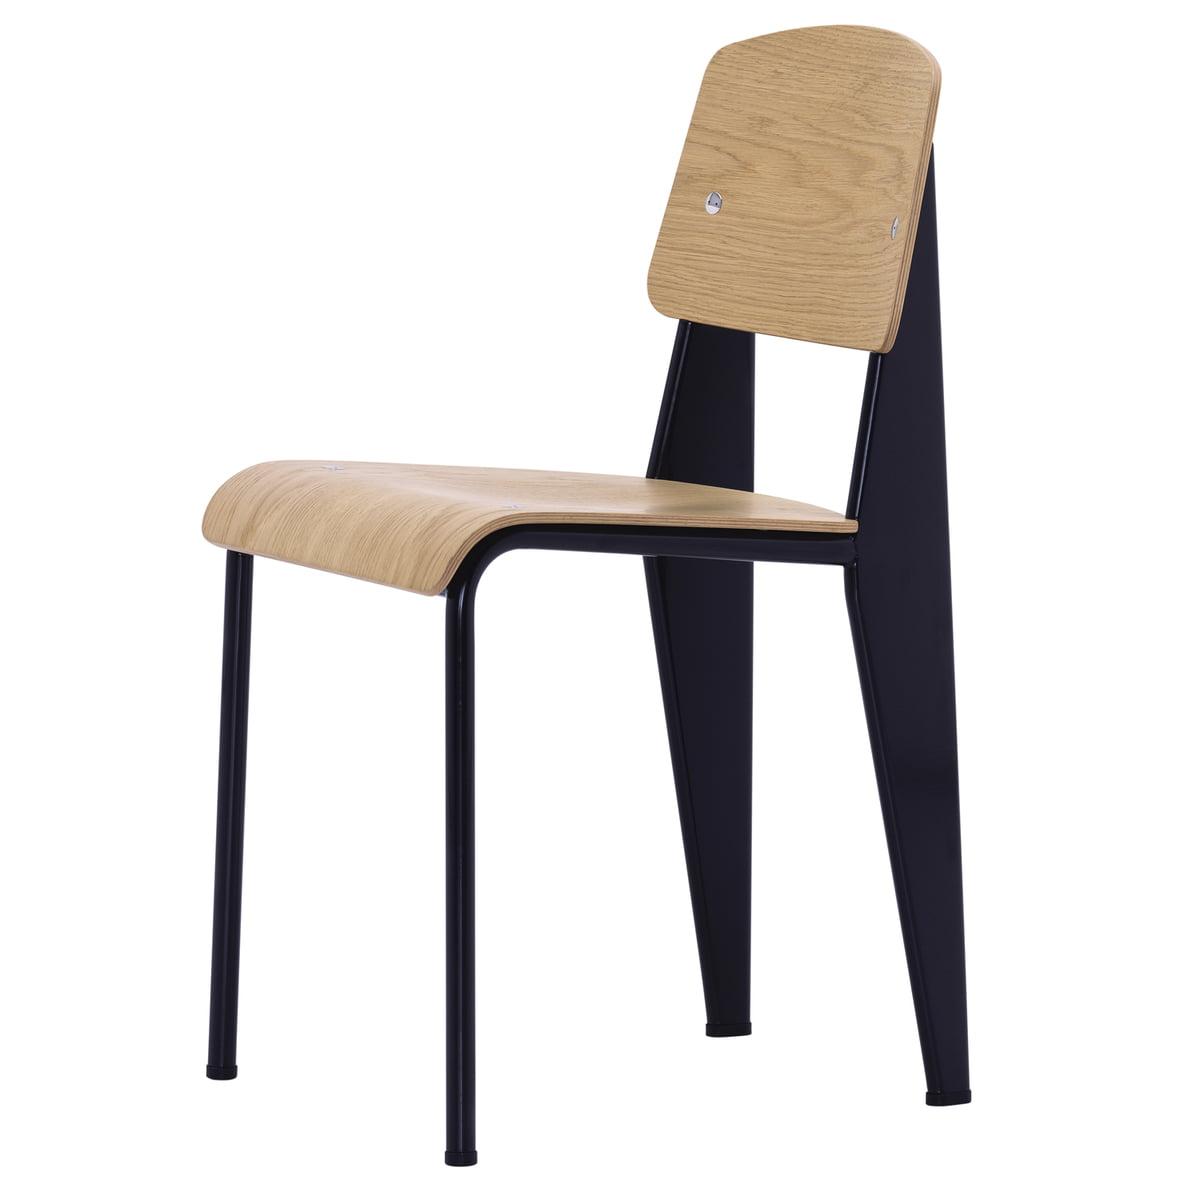 Vitra   Standard Stuhl, Eiche Natur / Tiefschwarz, Filzgleiter